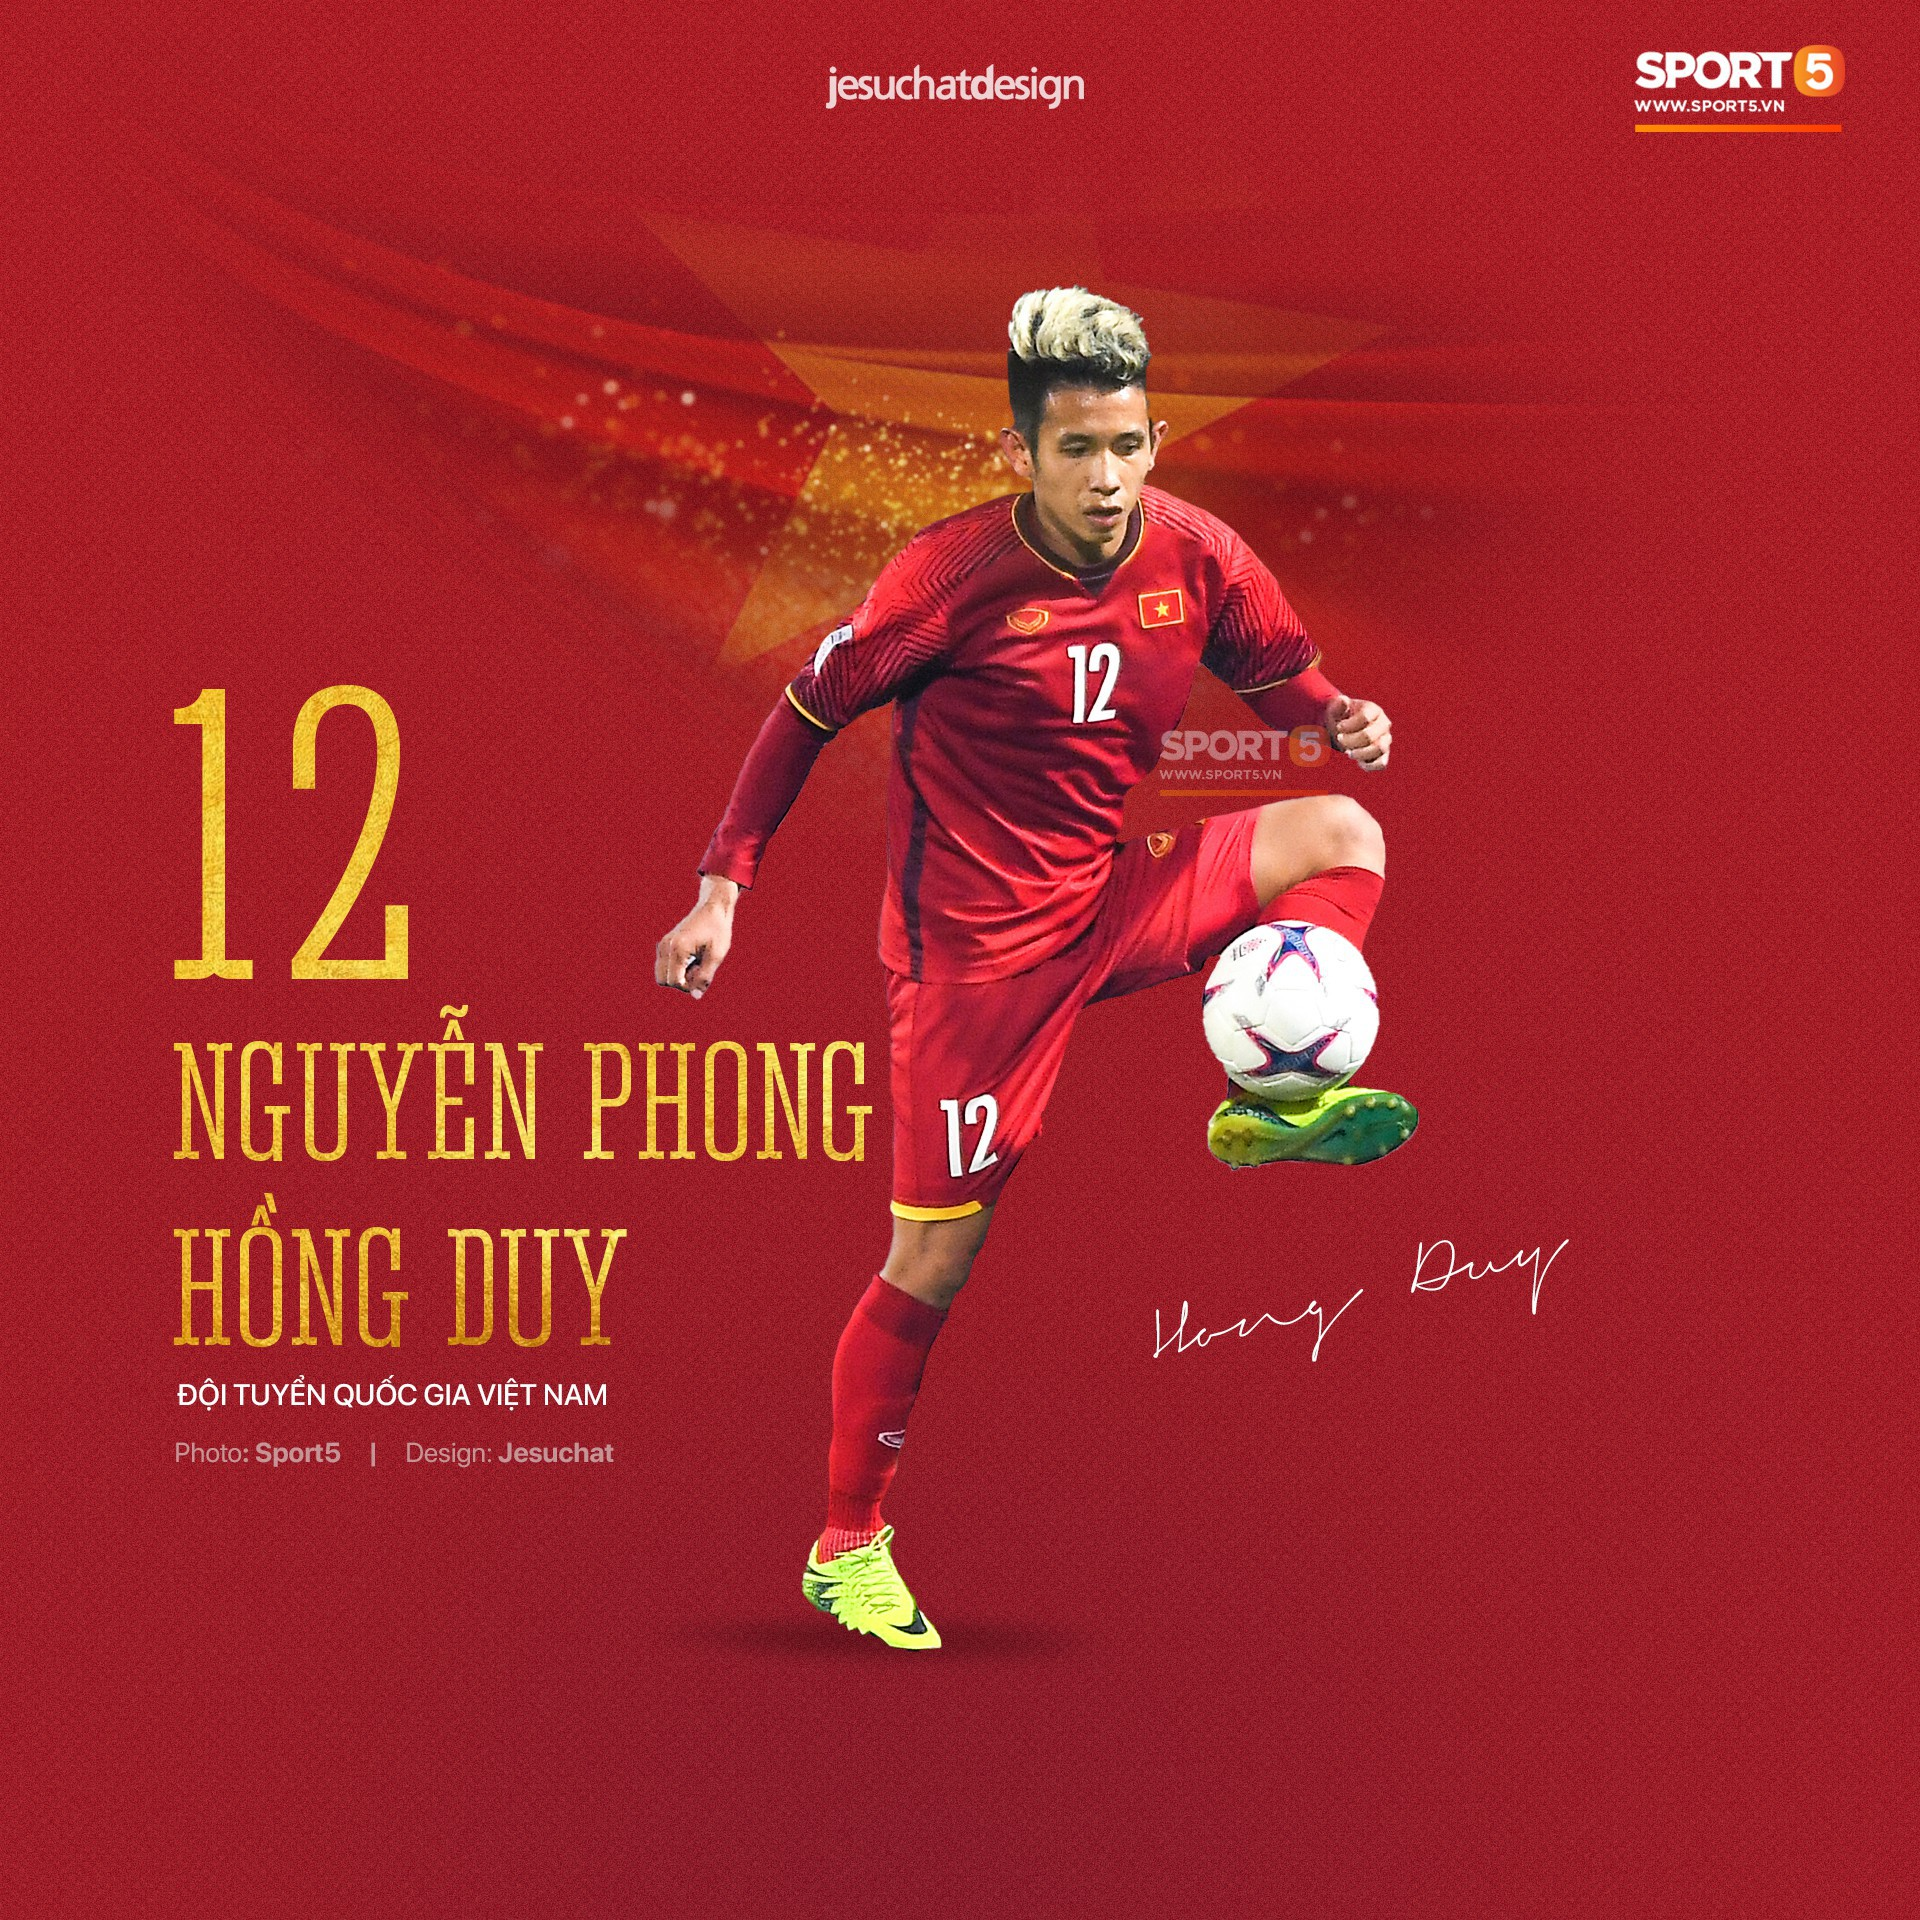 aff cup 2018 - photo 15 15448846682651487284718 - Info long lanh của 23 nhà vô địch AFF Cup 2018, những người hùng dân tộc